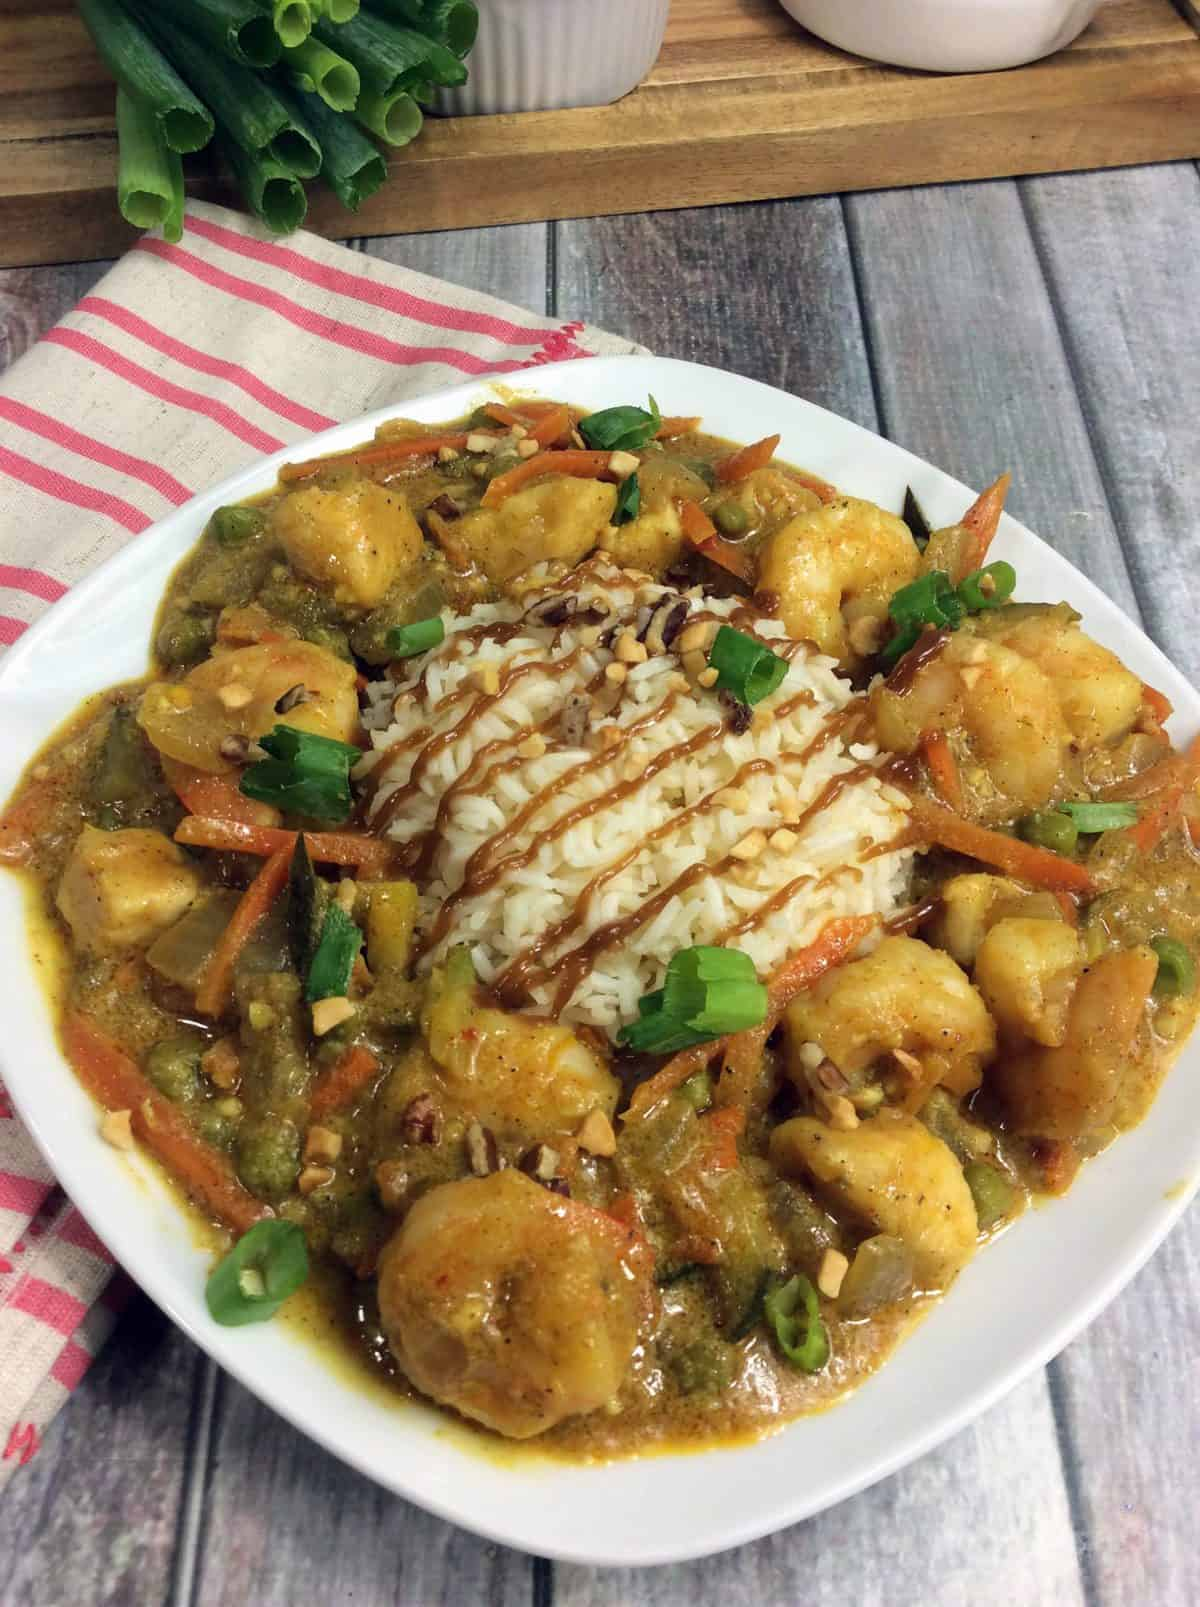 bang bang chicken and shrimp recipe, skillet chicken and rice